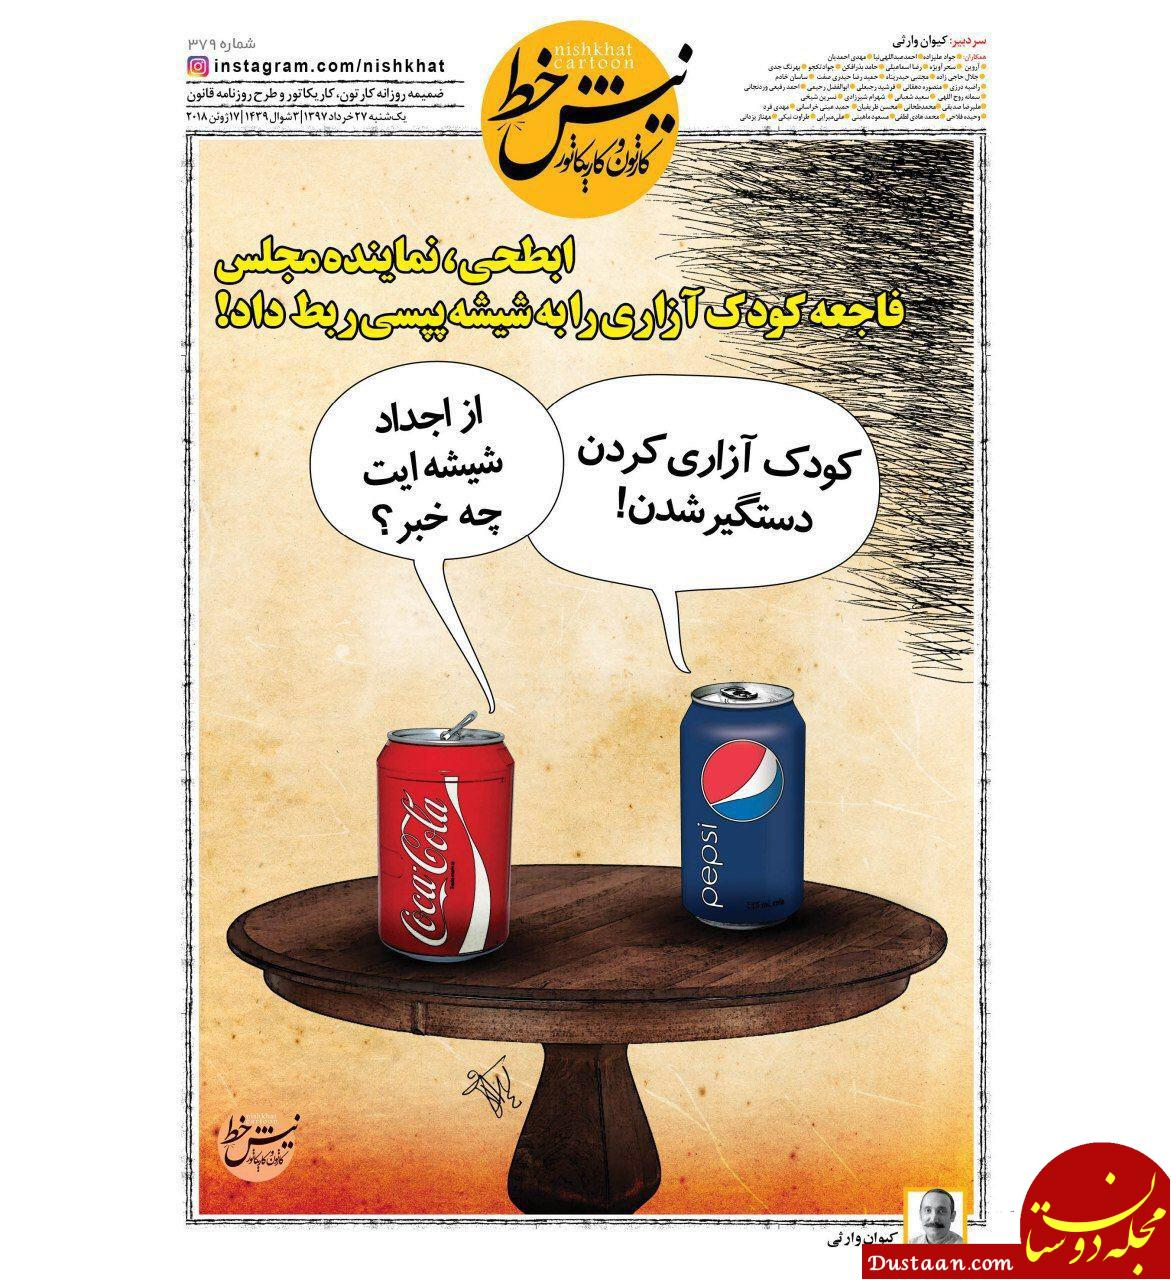 www.dustaan.com کنایه نیش خط و دیالوگ پپسی و کوکاکولا در واکنش به ادعاهای عجیب یک نماینده